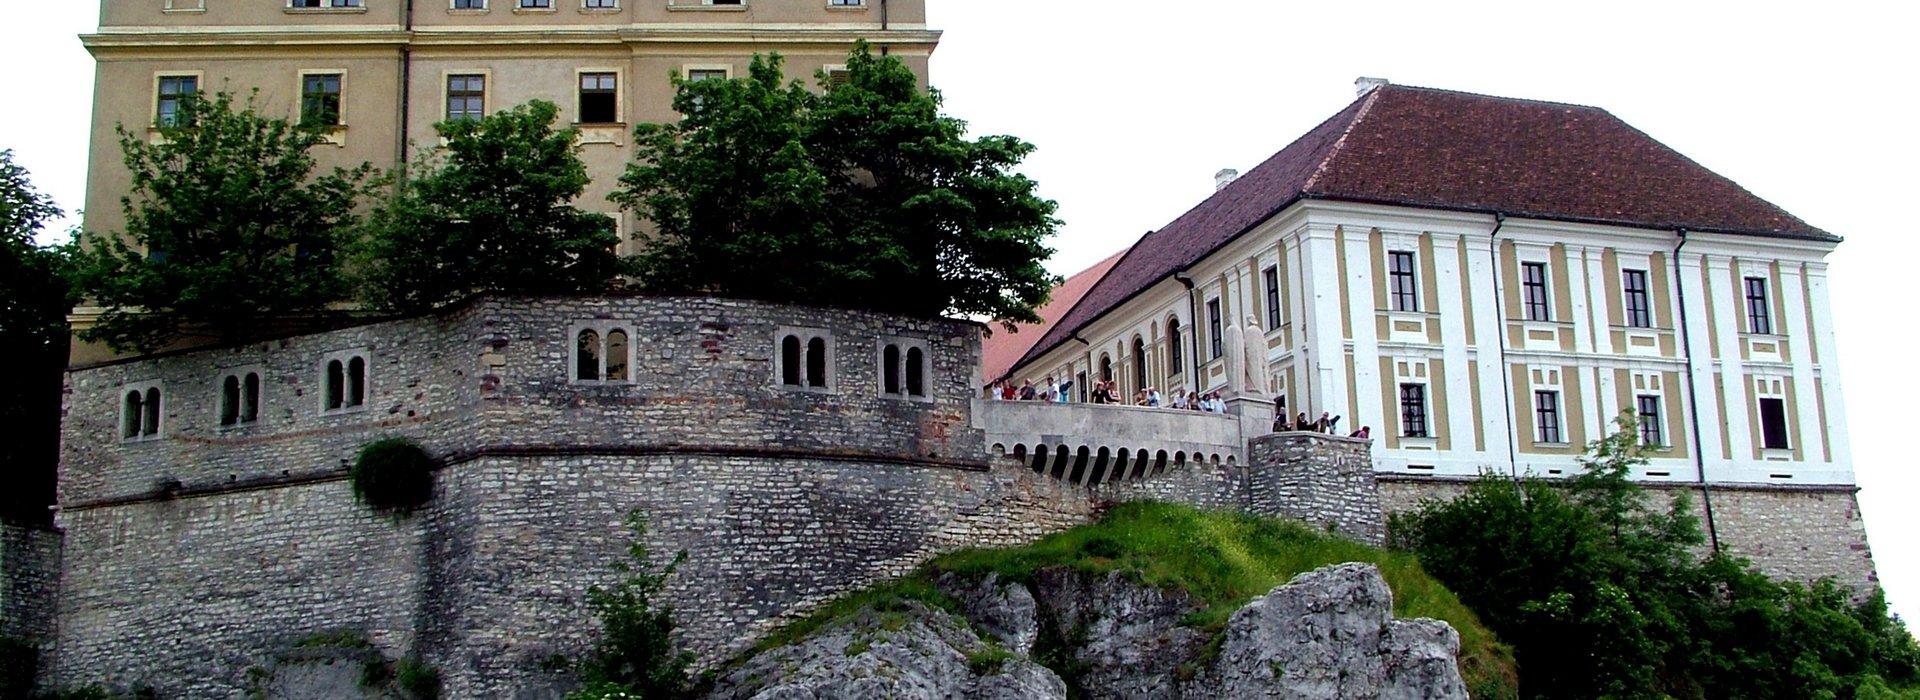 Sehenswürdigkeiten in Veszprém